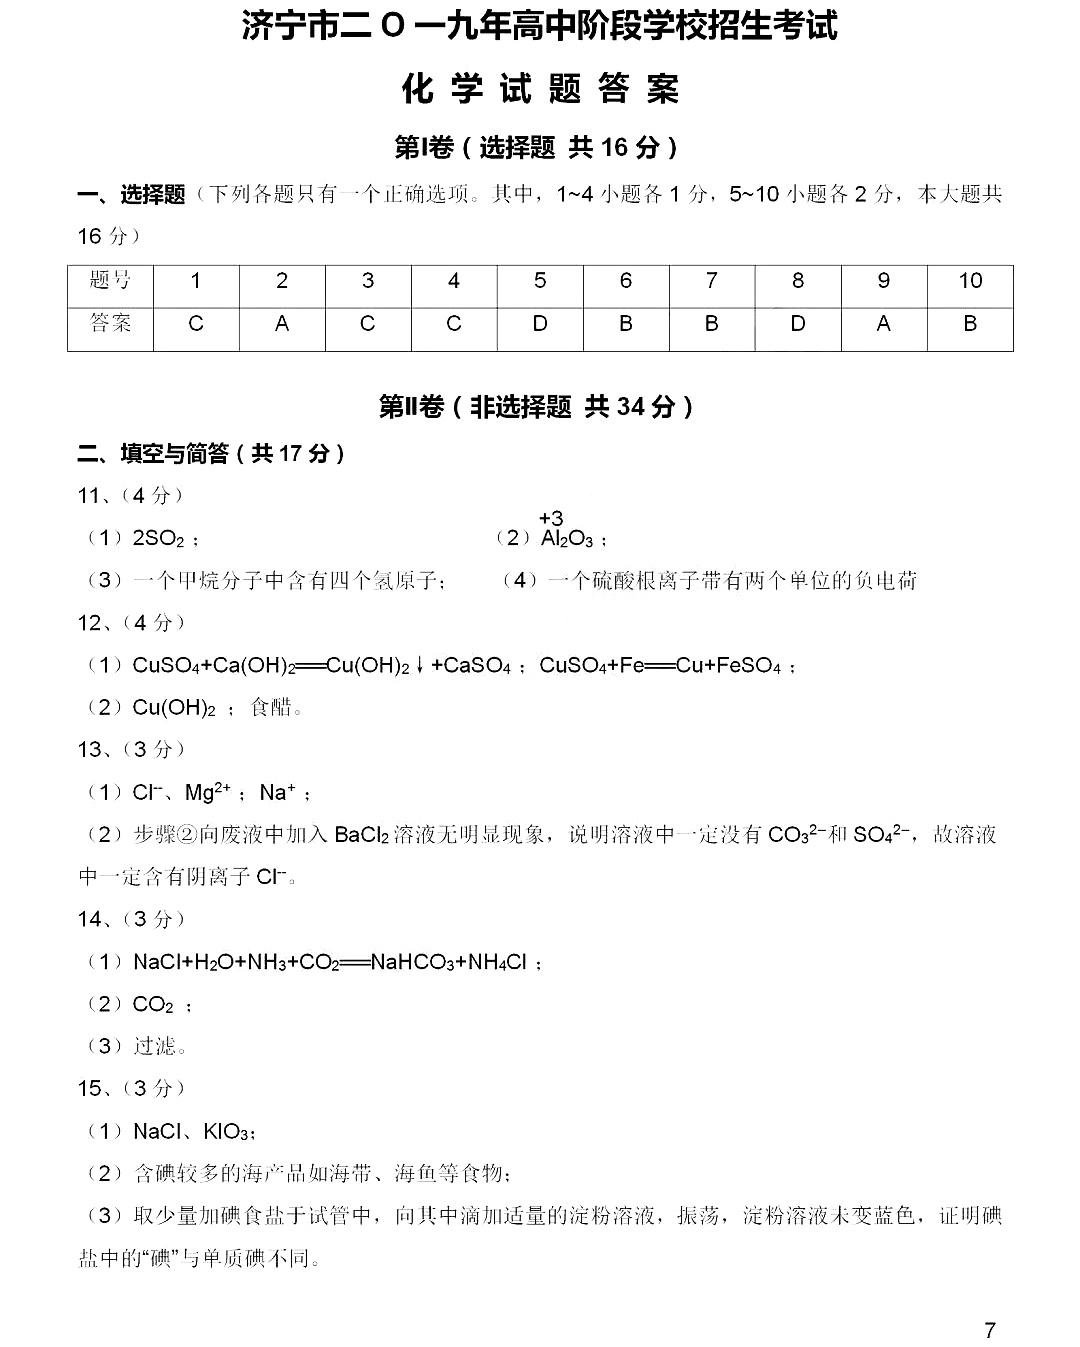 2019年山东济宁中考化学真题参考答案